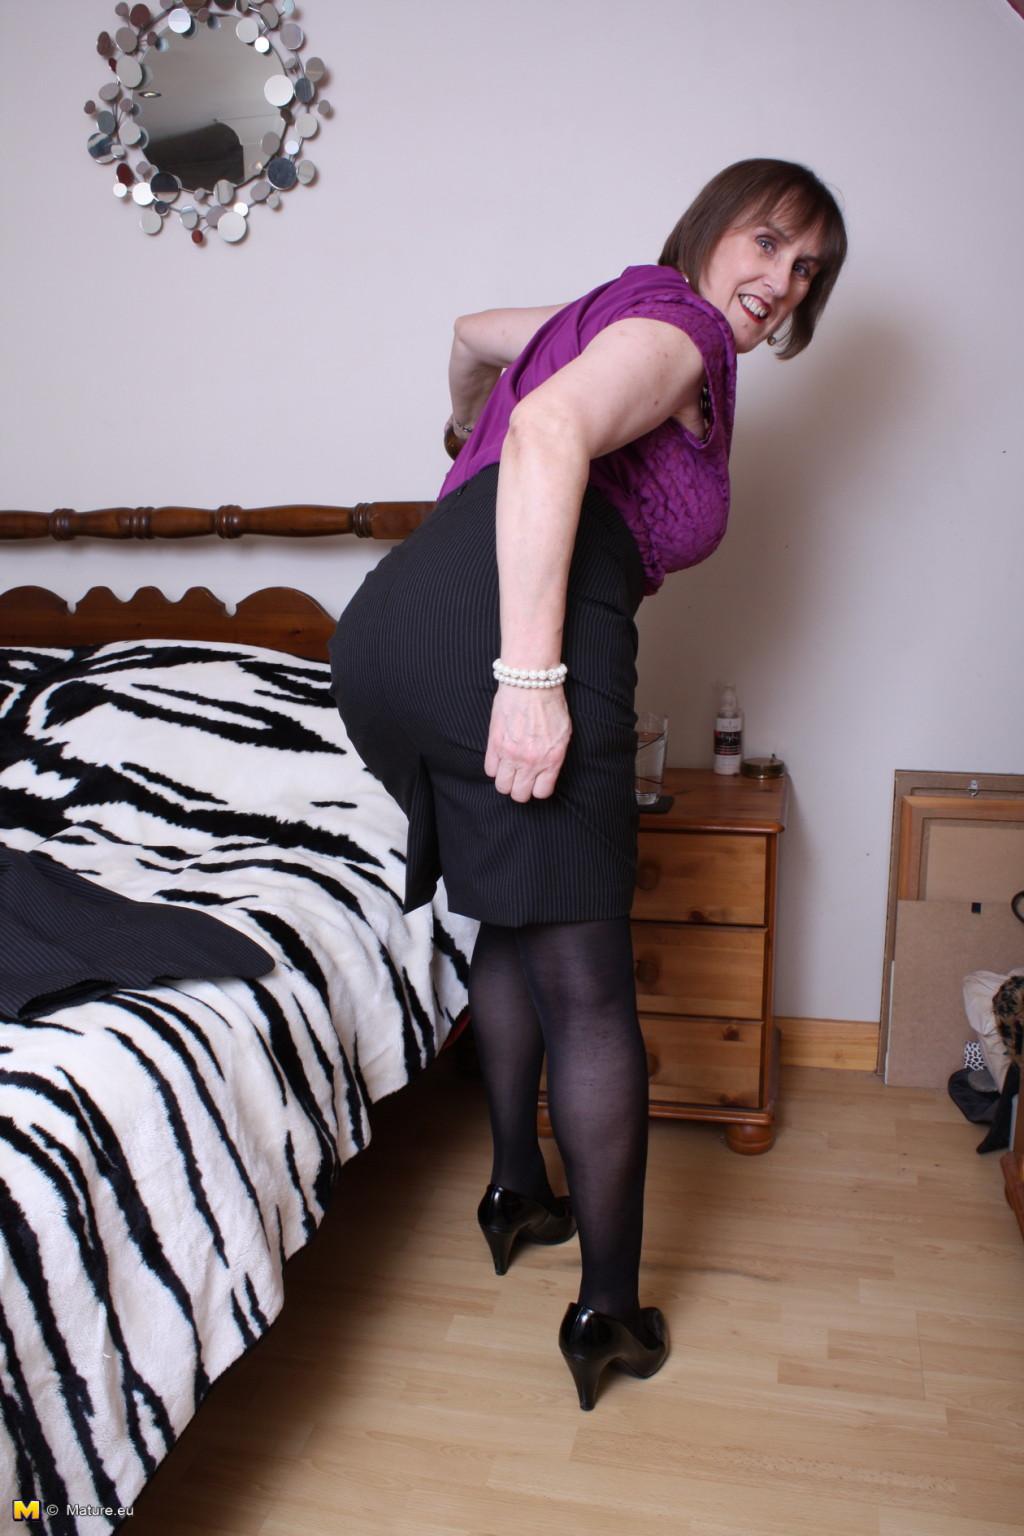 Женщина в возрасте не стесняется своего тела, поэтому с удовольствием показывает себя